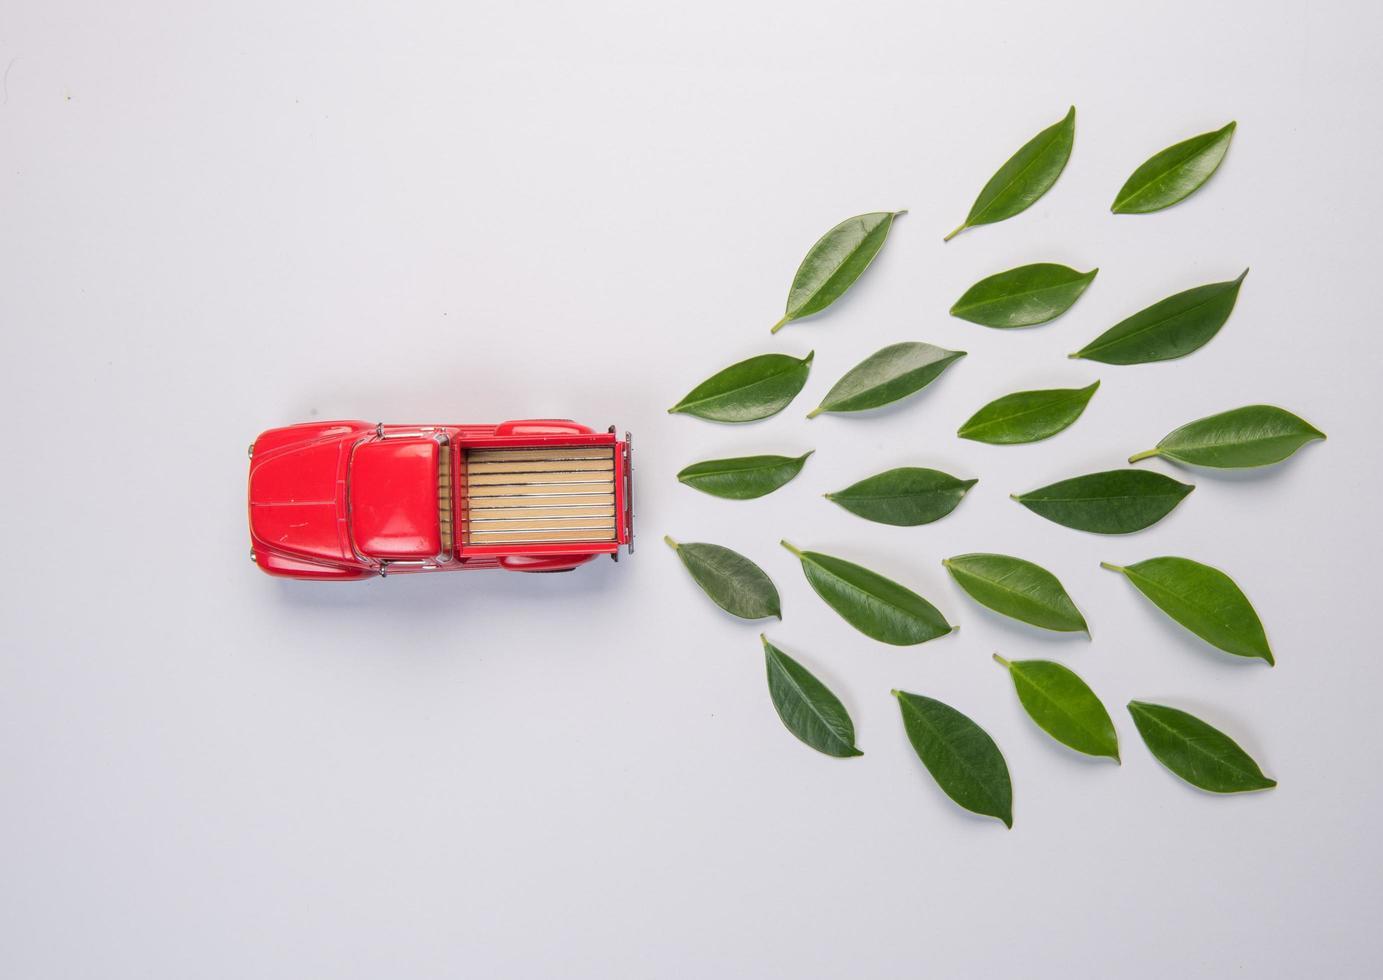 modelo do carro e folhas no fundo branco foto